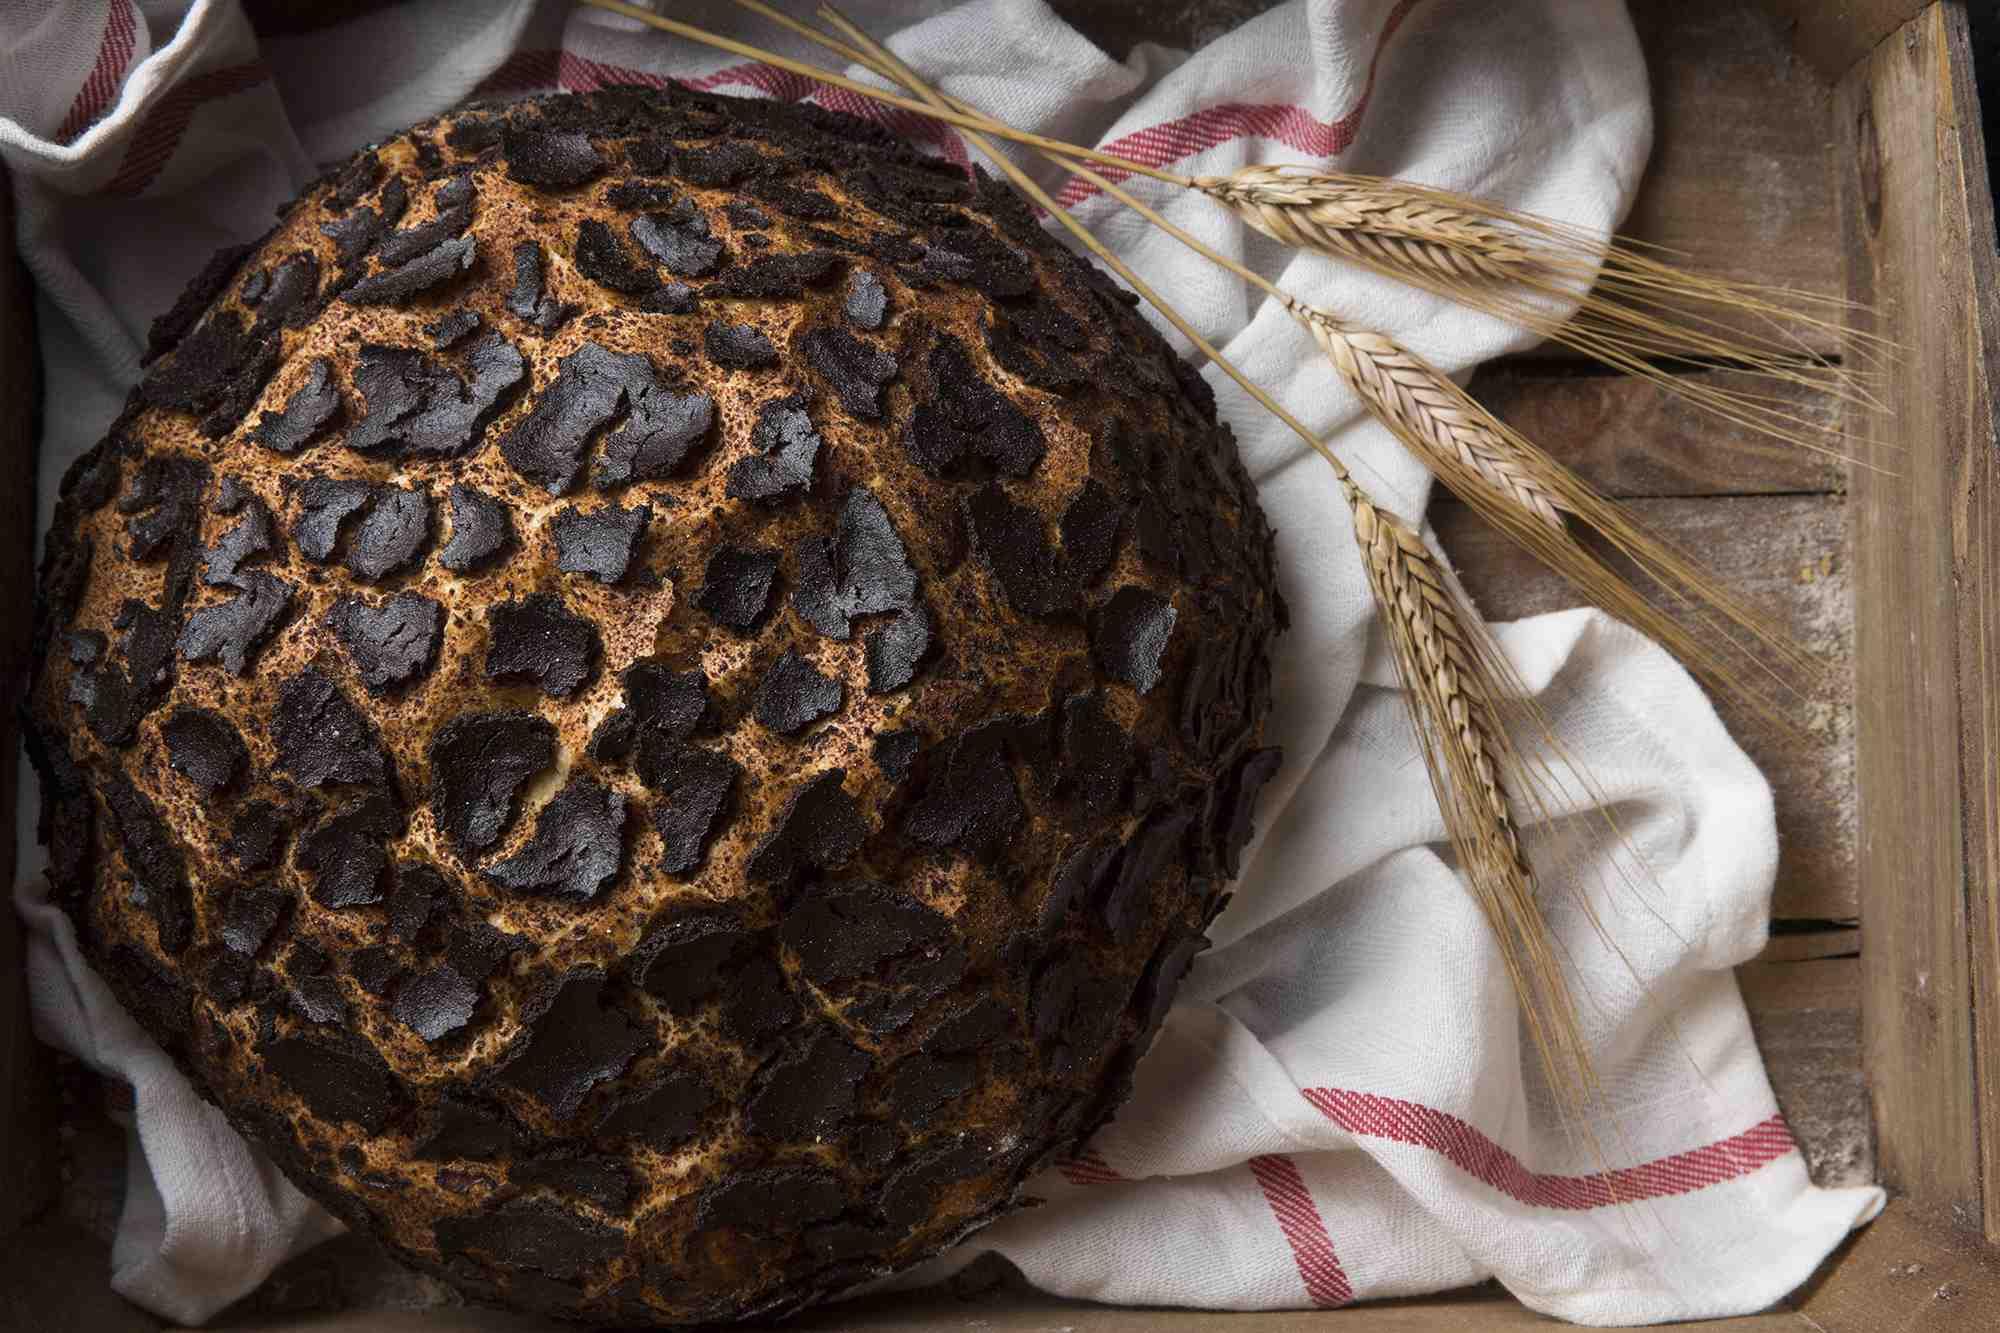 Profesyonel Ekmekçilik Eğitimleri/Profesyonel Butik Artisan Ekmekçilik